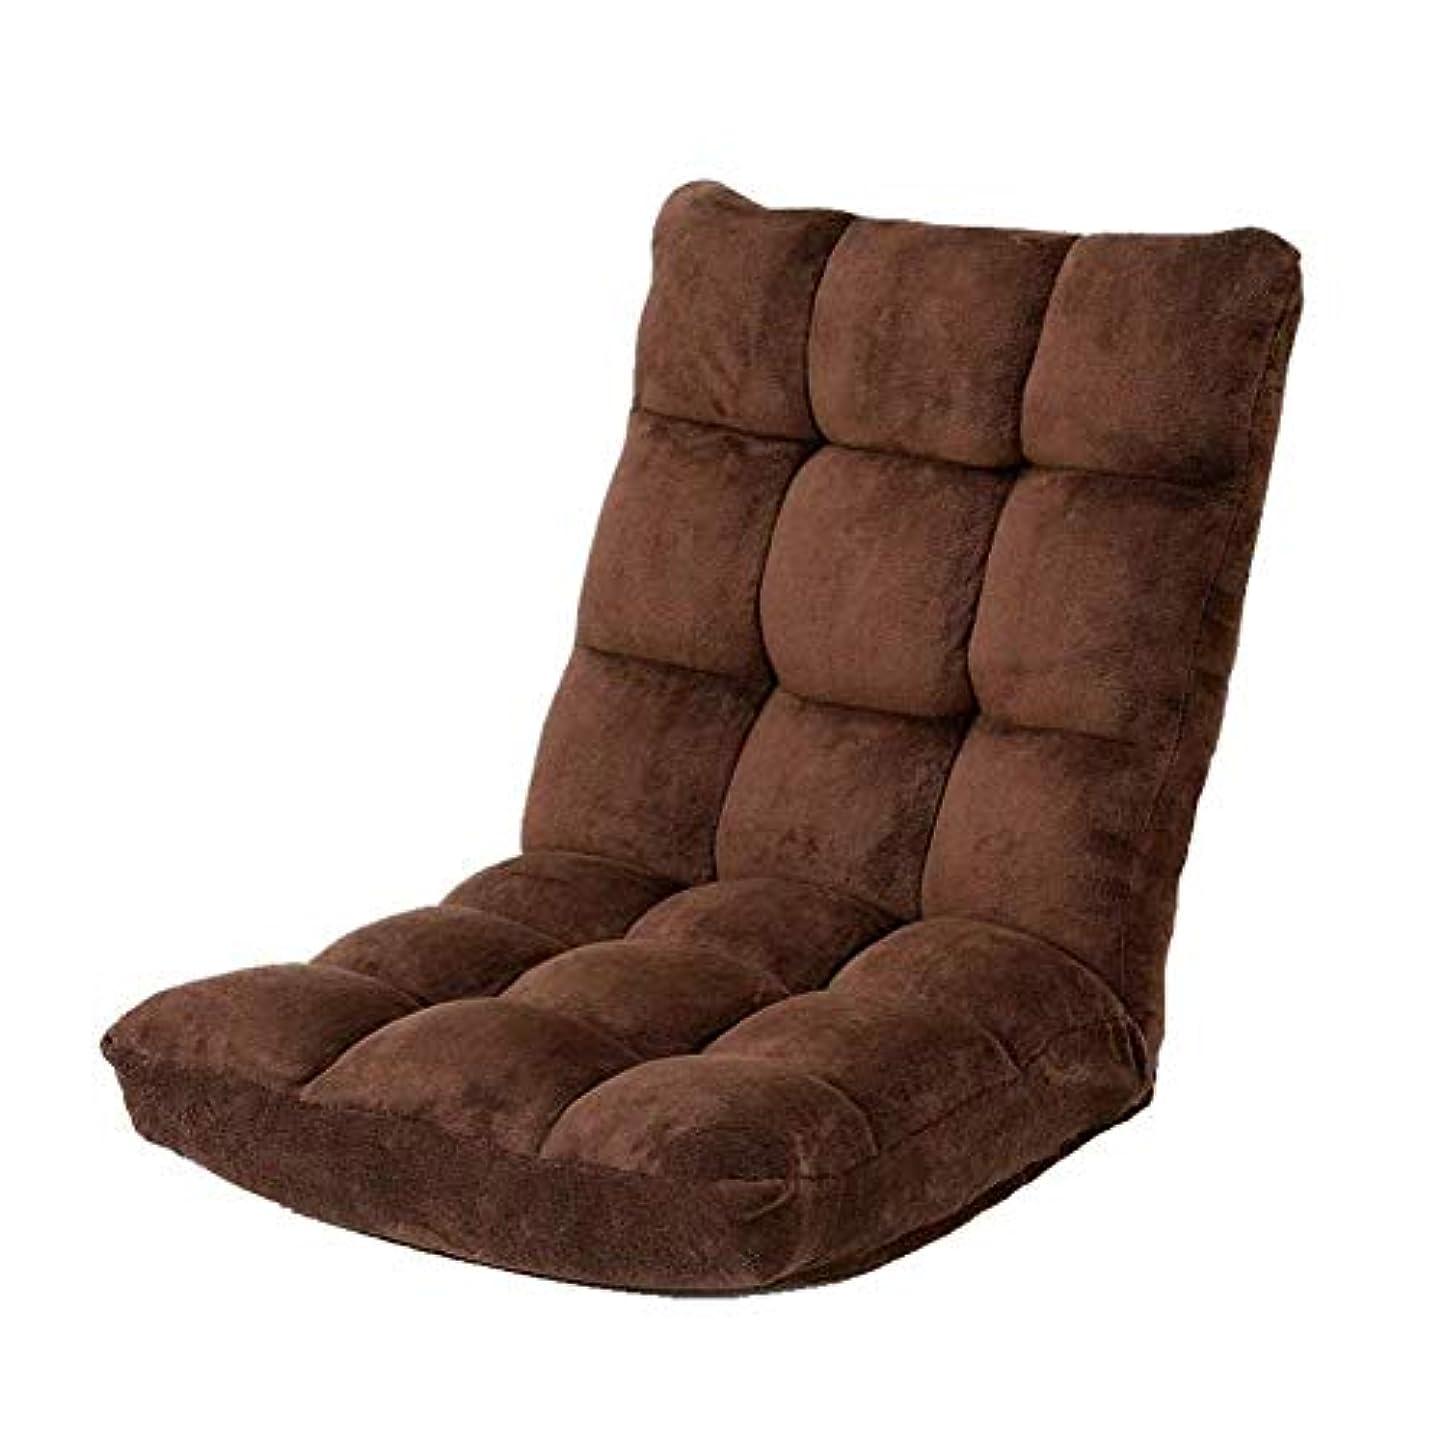 スカウト逸脱インストール瞑想用椅子、座りソファー、折りたたみ式畳床、折りたたみ式解体および洗濯可能増粘、レッグレスカジュアルシングルリクライニングベッド (Color : Brown)